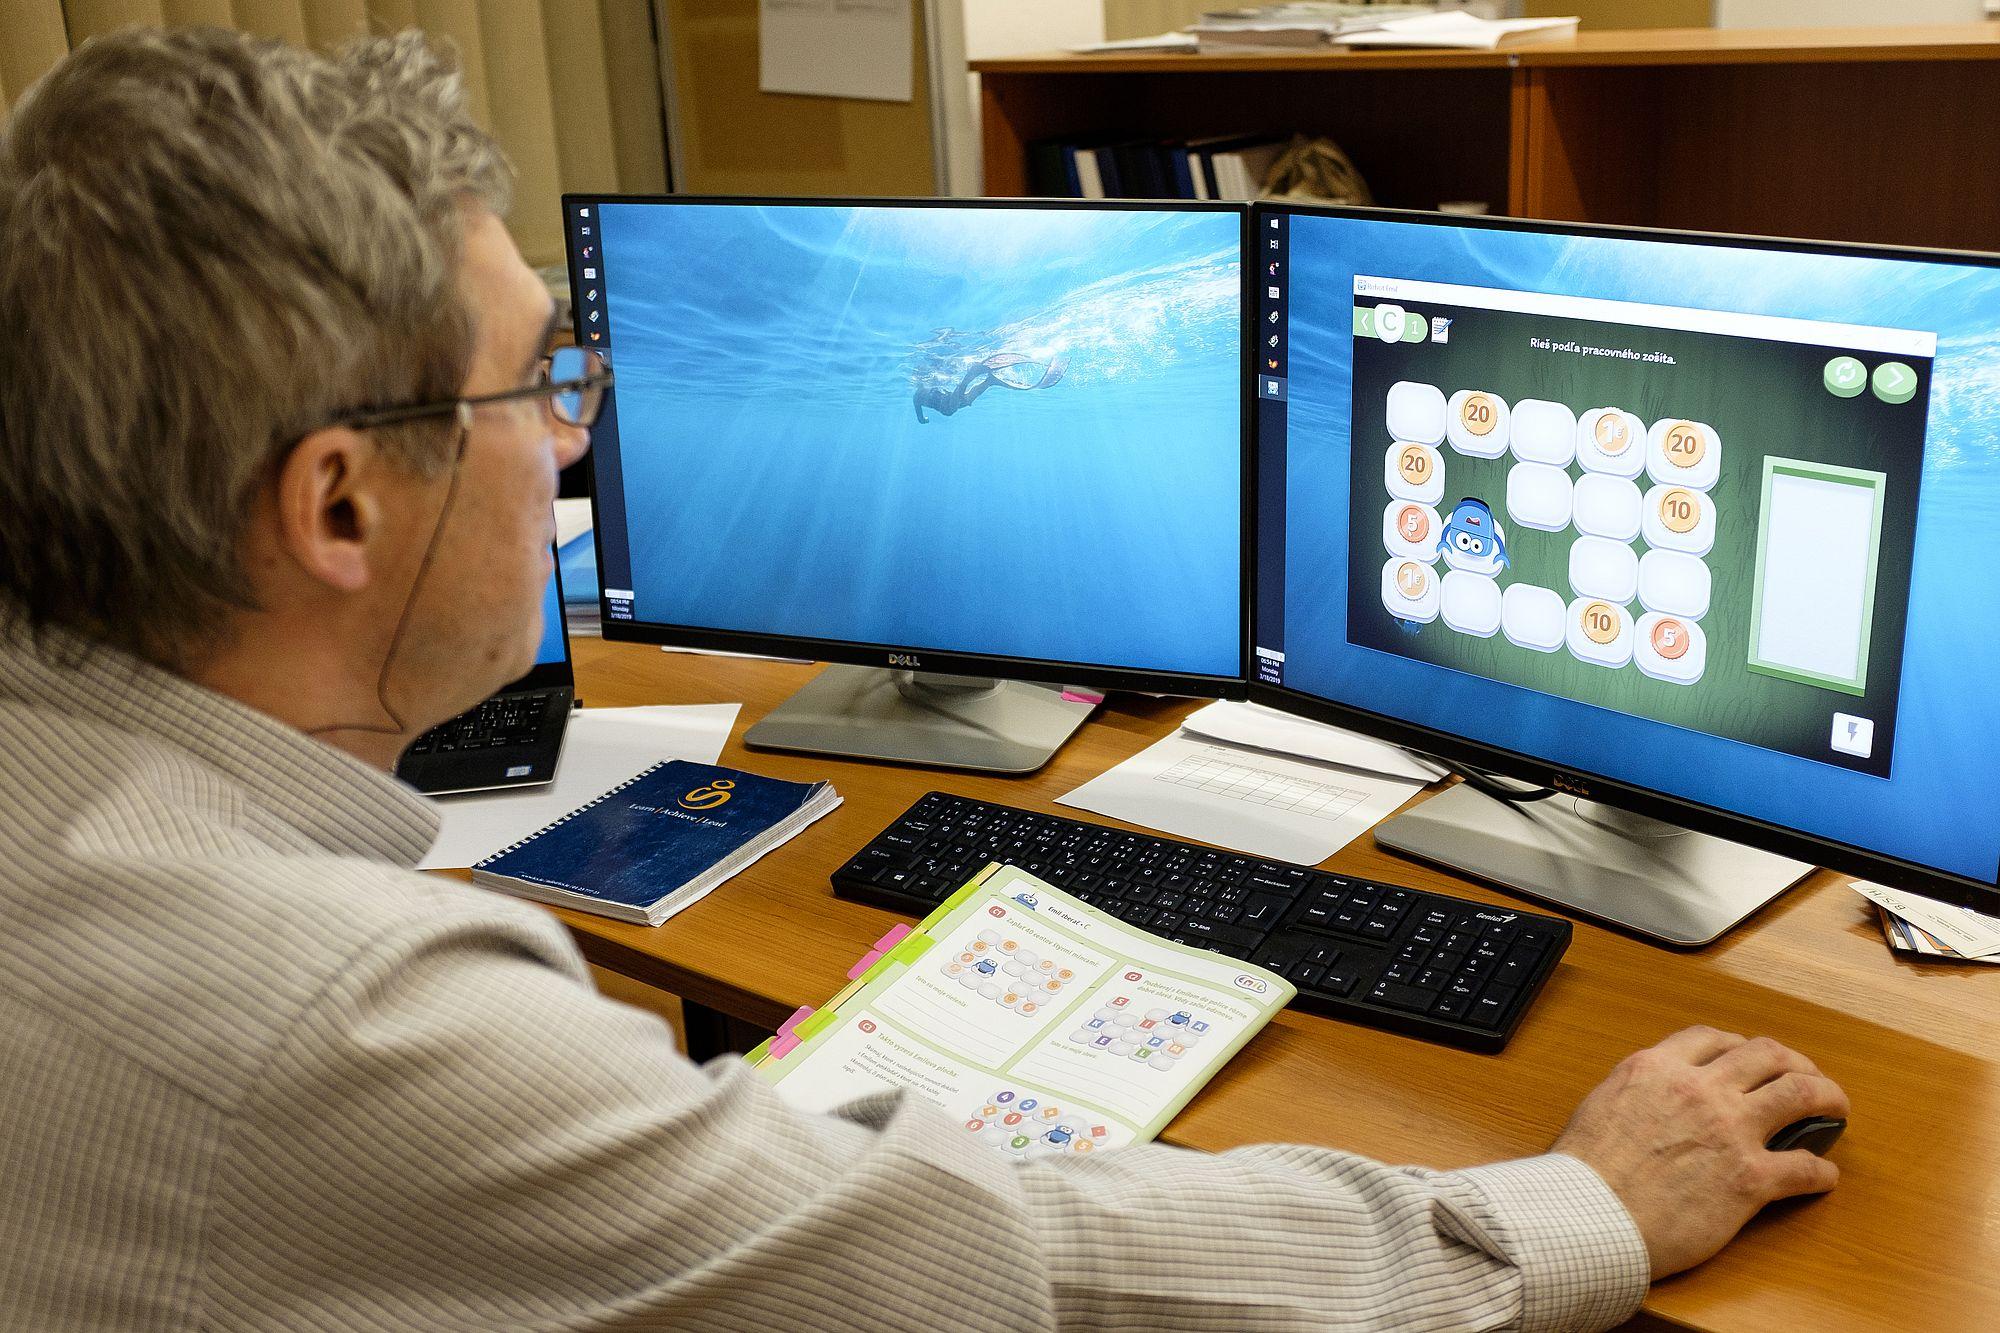 Informatika má deti učiť skúmať, nielen ovládať počítač, hovorí profesor Kalaš